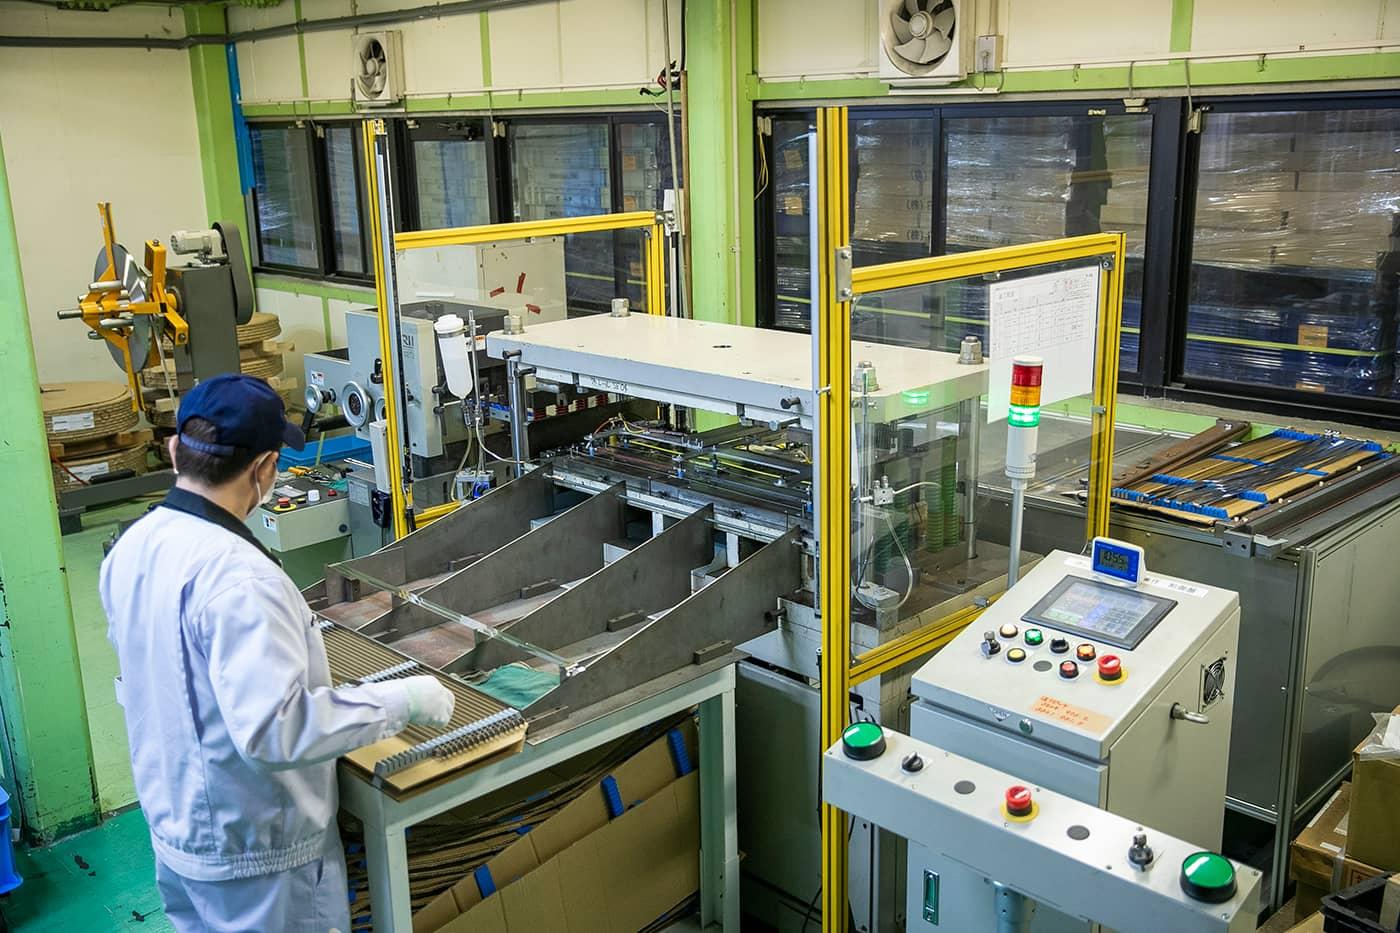 遊技機台の「外レール」自動生産設備。高品質な製品の安定供給を可能にした。